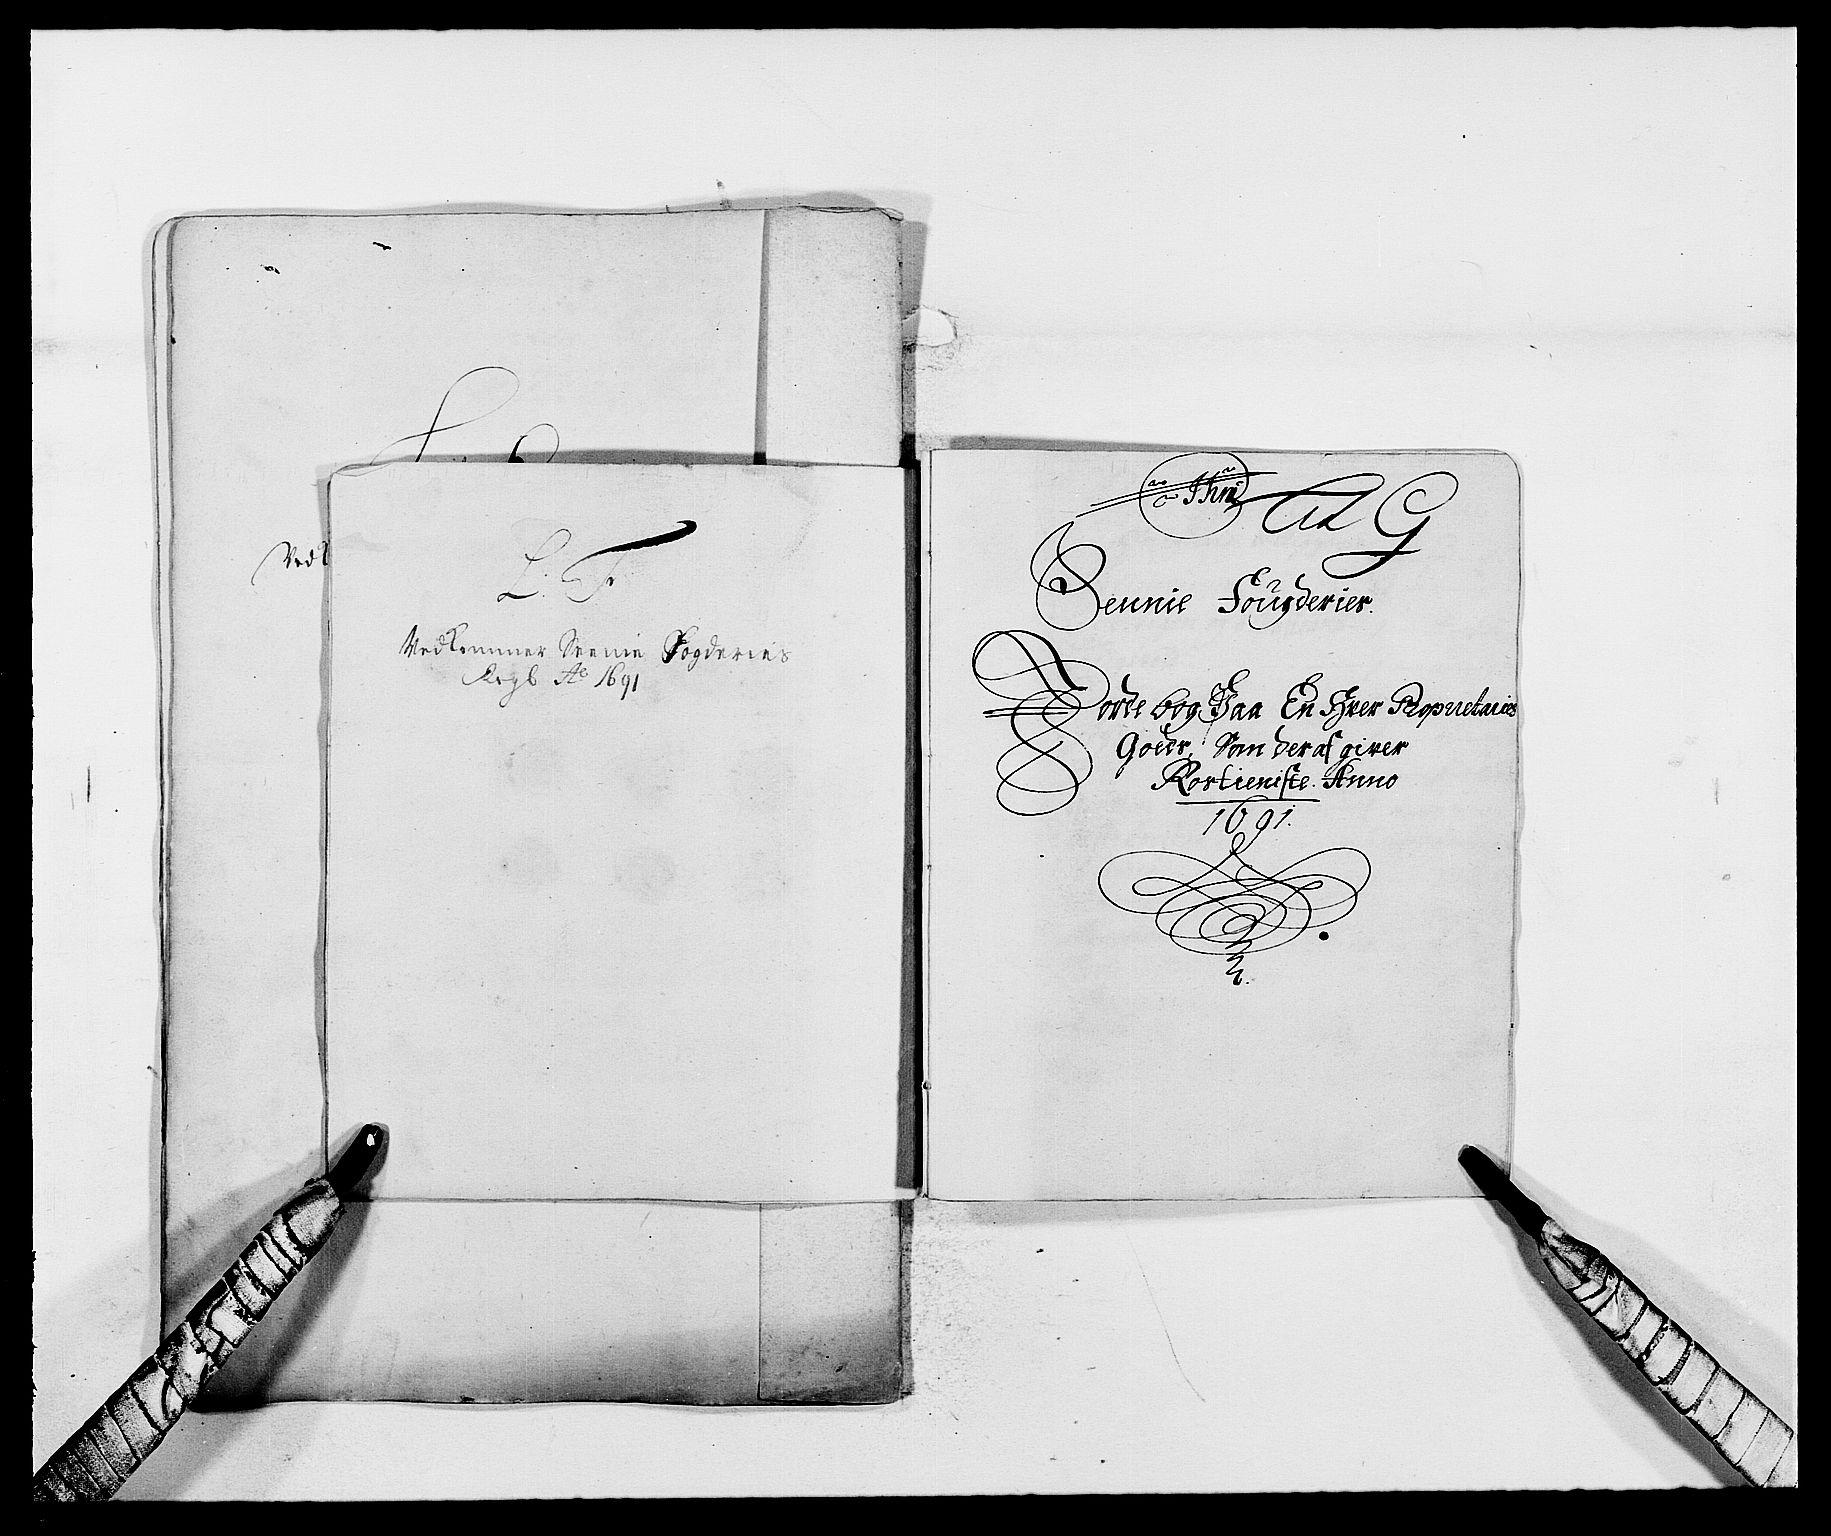 RA, Rentekammeret inntil 1814, Reviderte regnskaper, Fogderegnskap, R68/L4752: Fogderegnskap Senja og Troms, 1691-1693, s. 59